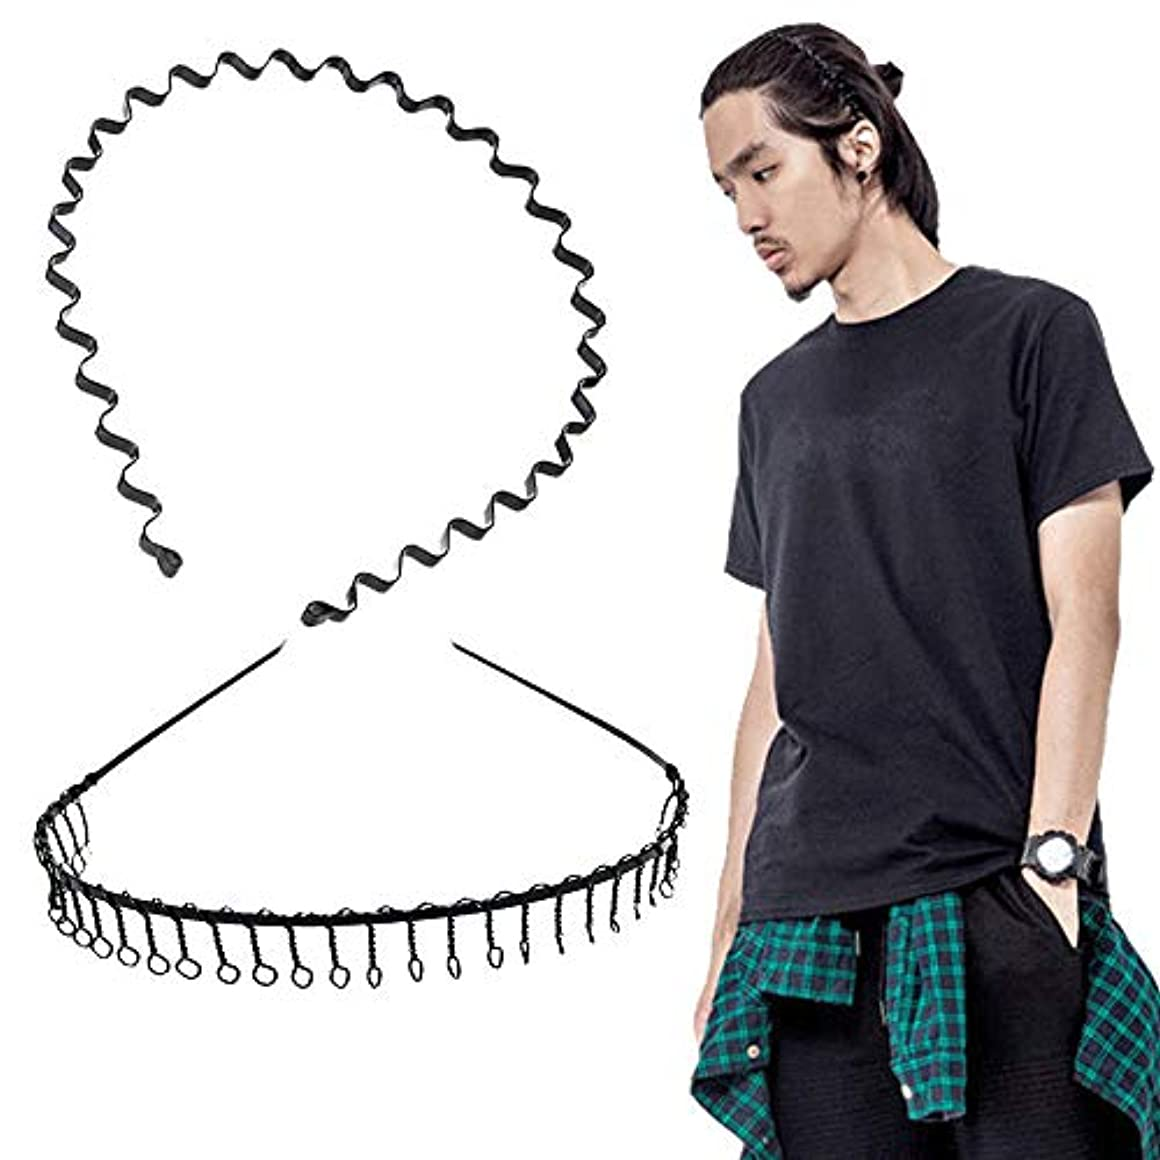 繕う報復衰えるshefun メンズ カチューシャ スプリング ヘアバンド 鉄 波型 くし付き 滑り止め 痛くない 黒 シンプル 前髪 髪飾り 2本セット JP159